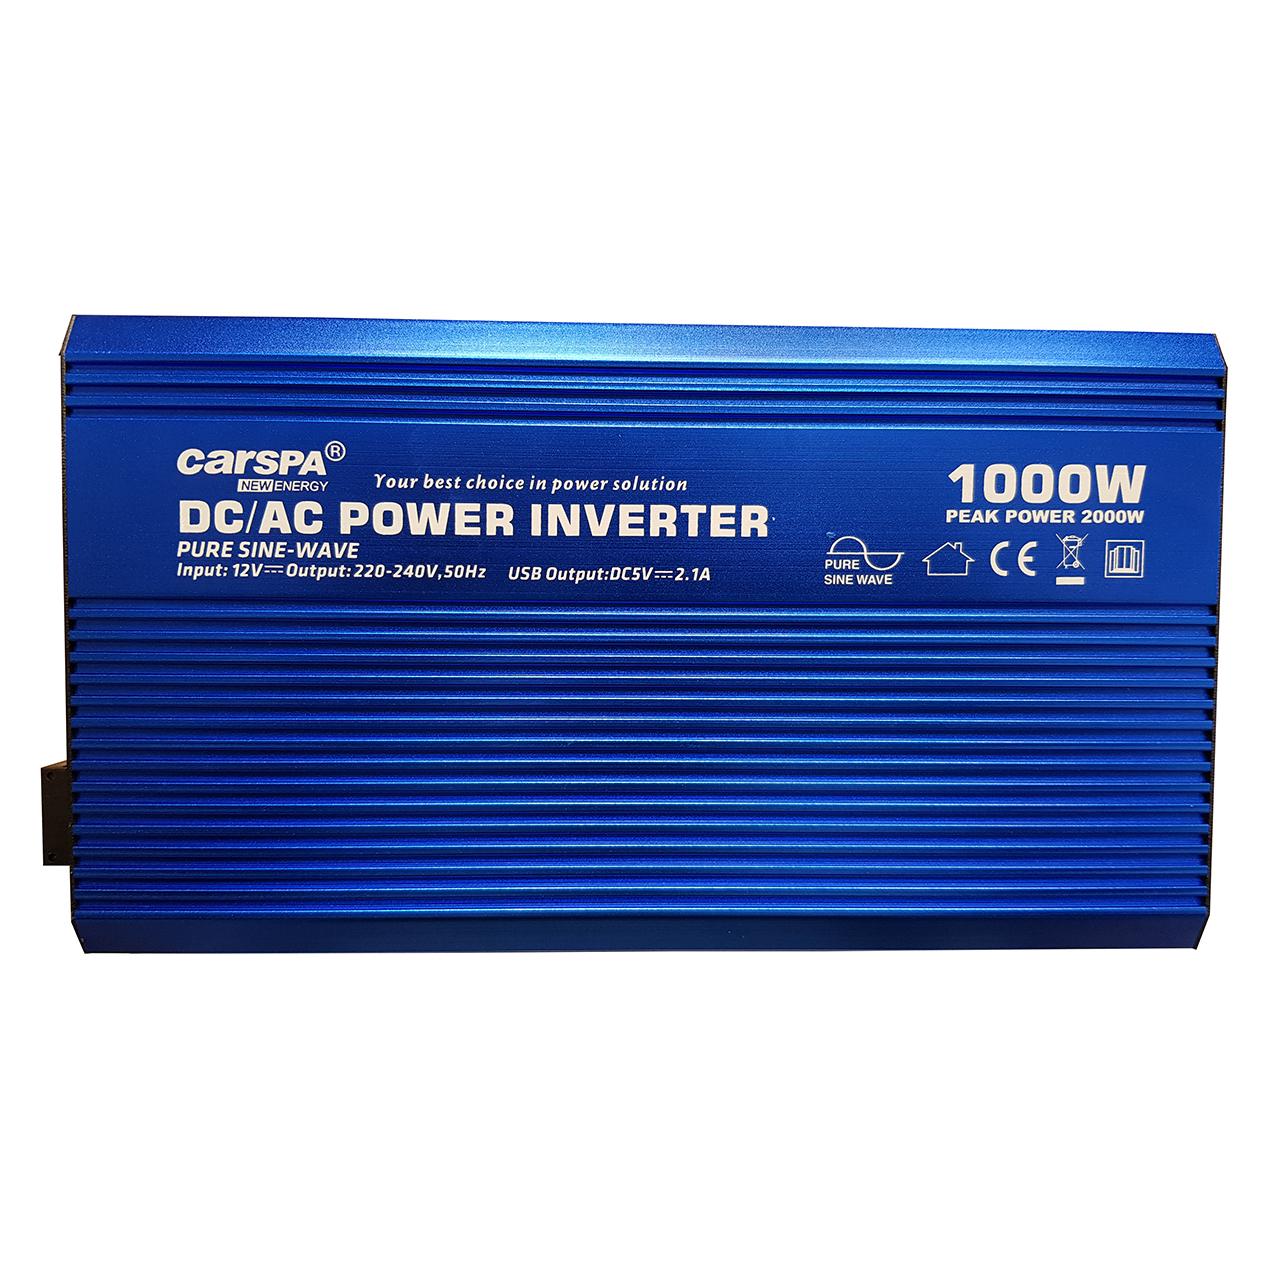 مبدل برق خودرو کارسپا مدل P1000U-12